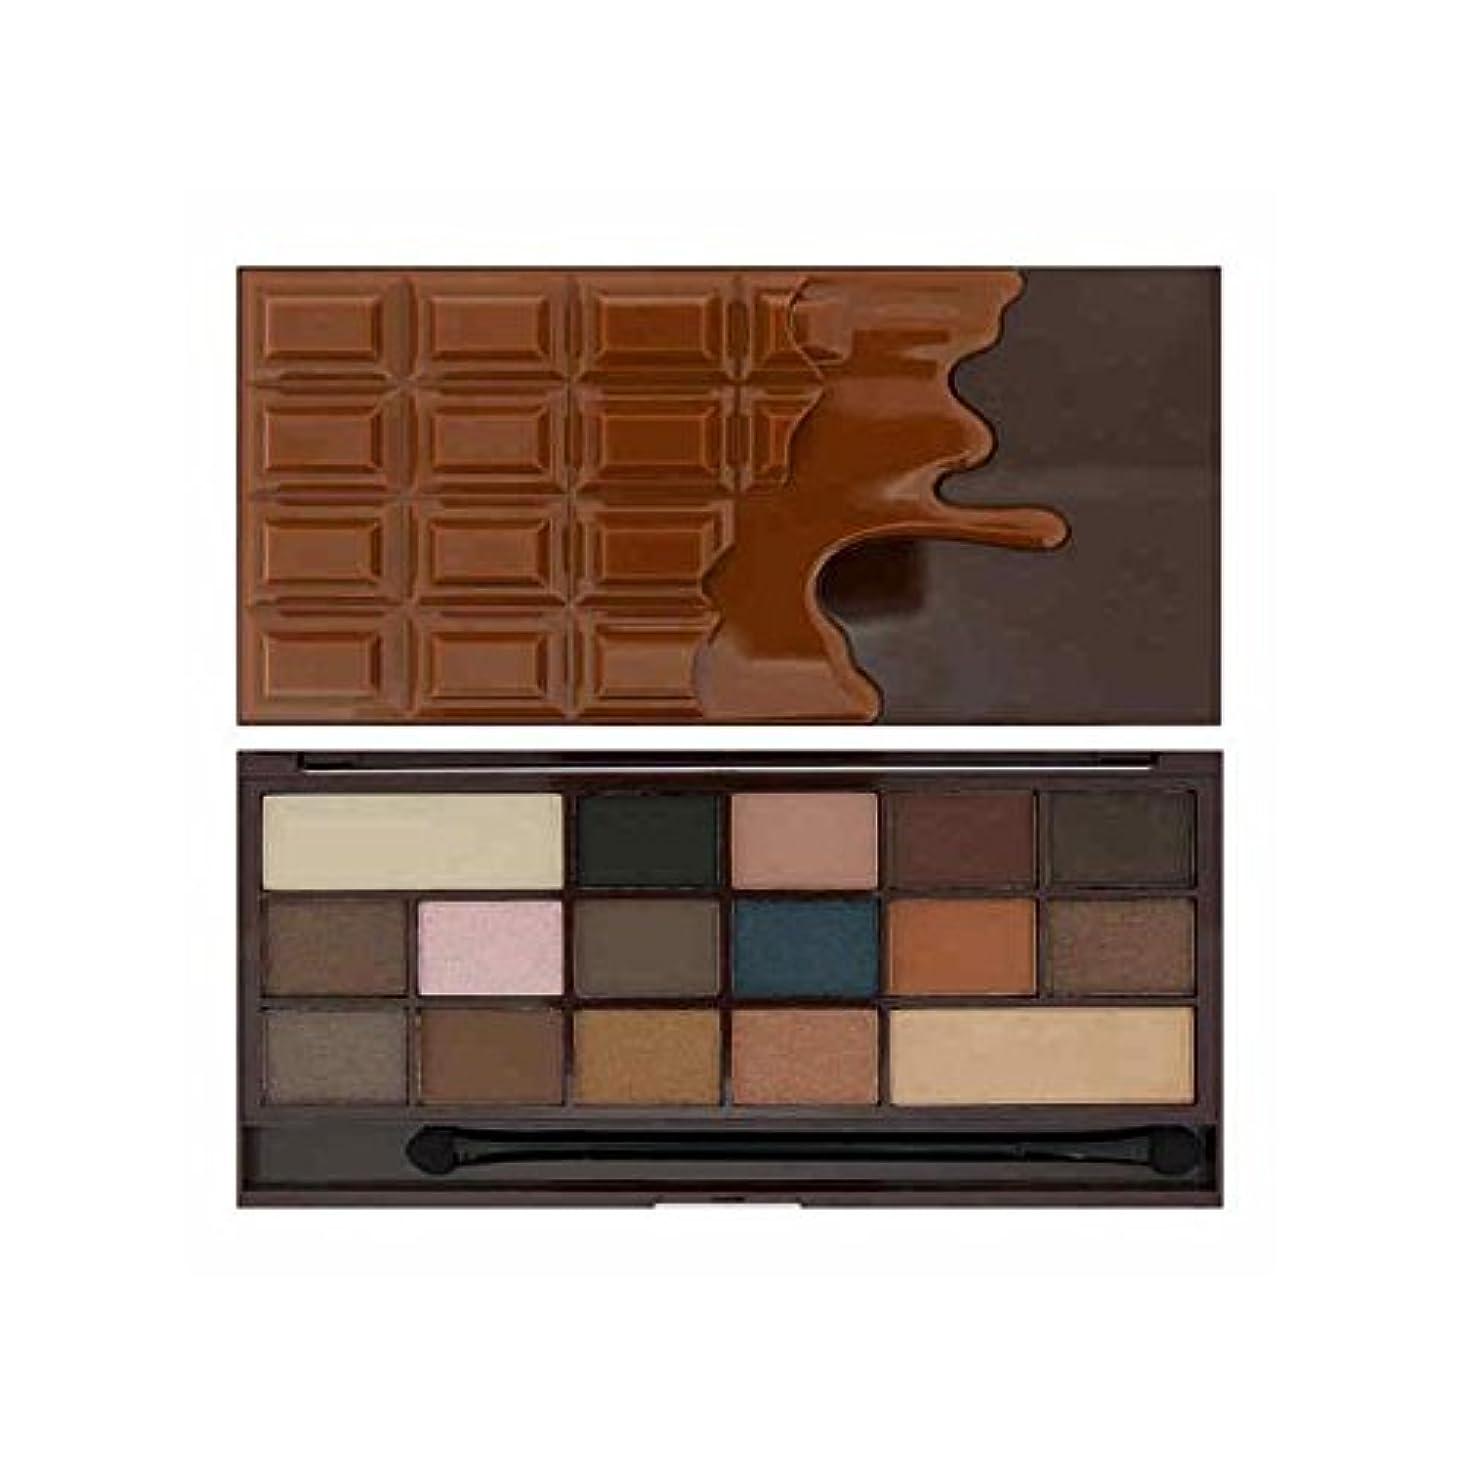 を必要としていますウール合理化I Heart Chocolate Eye Shadow Salted Caramel (Pack of 6) - 私は心のチョコレートアイシャドウは、キャラメルを塩漬け x6 [並行輸入品]